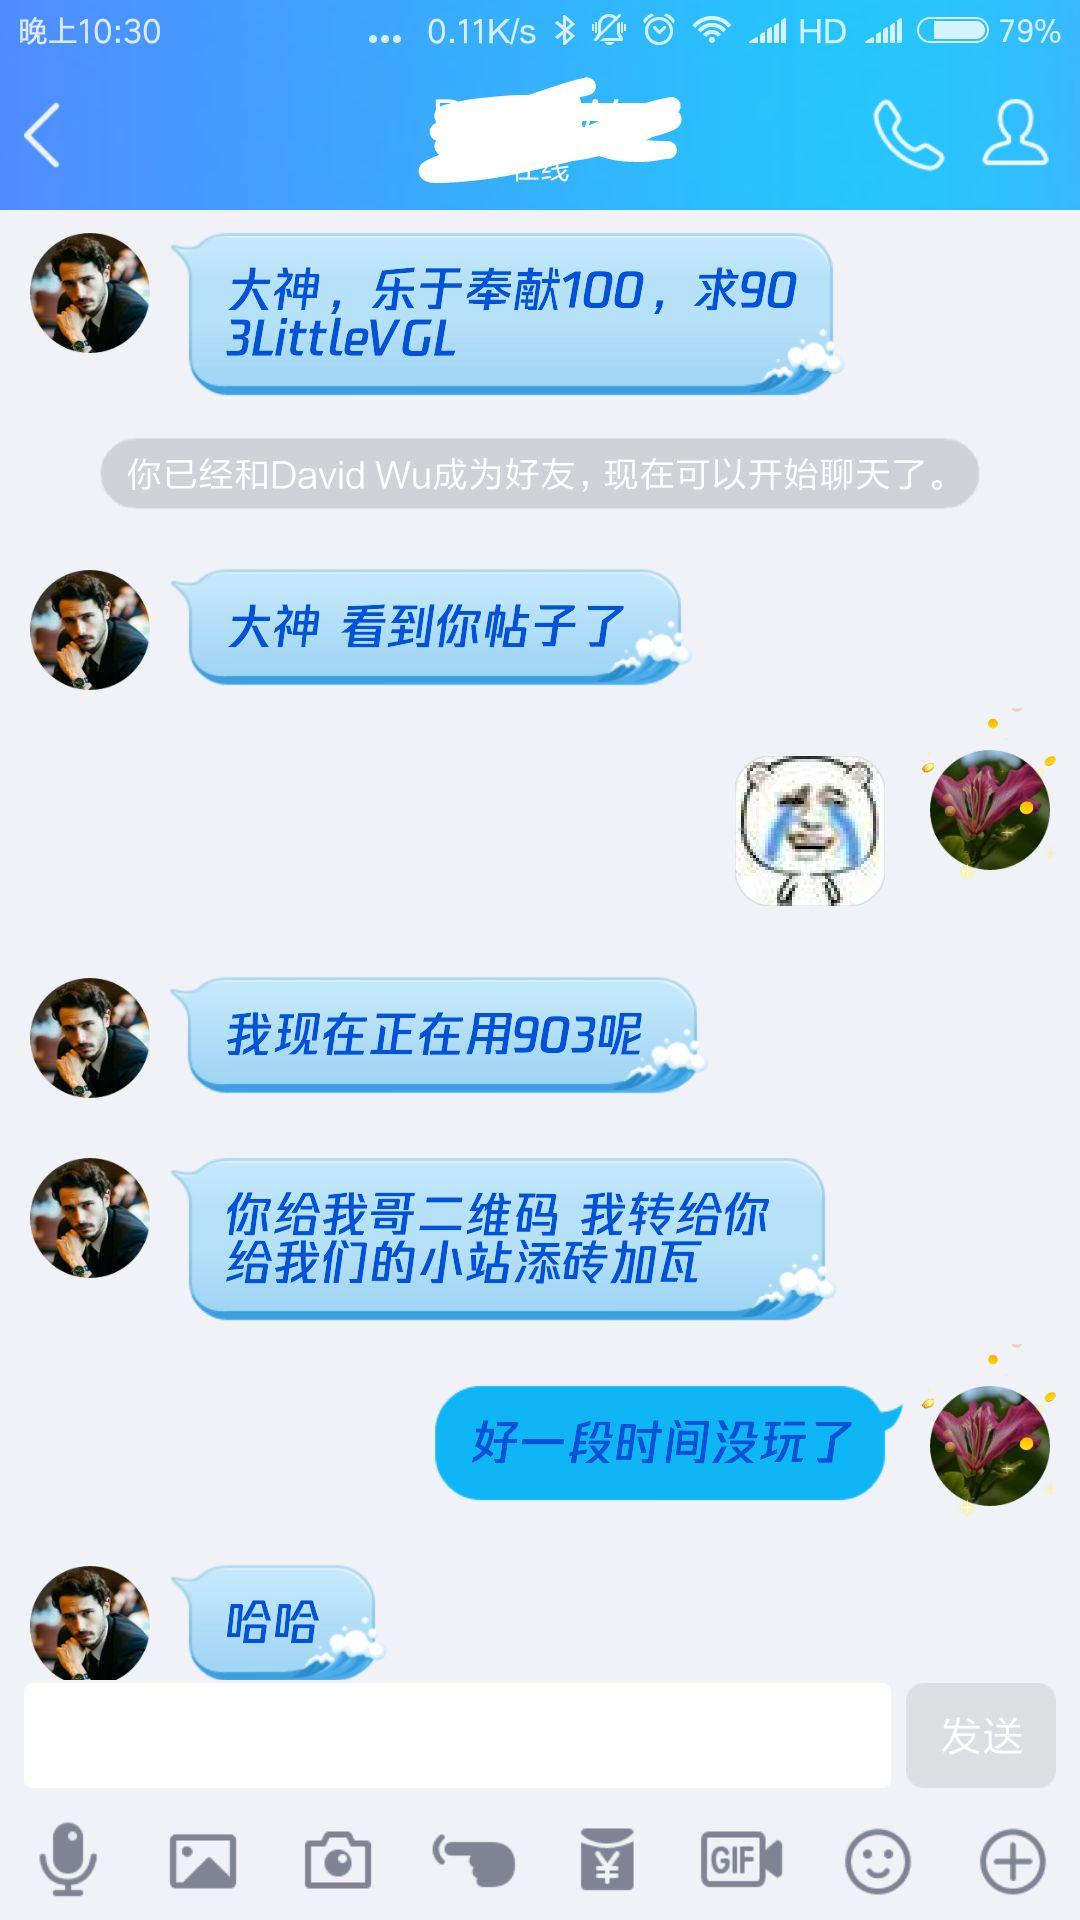 QQ20180610223218.jpg